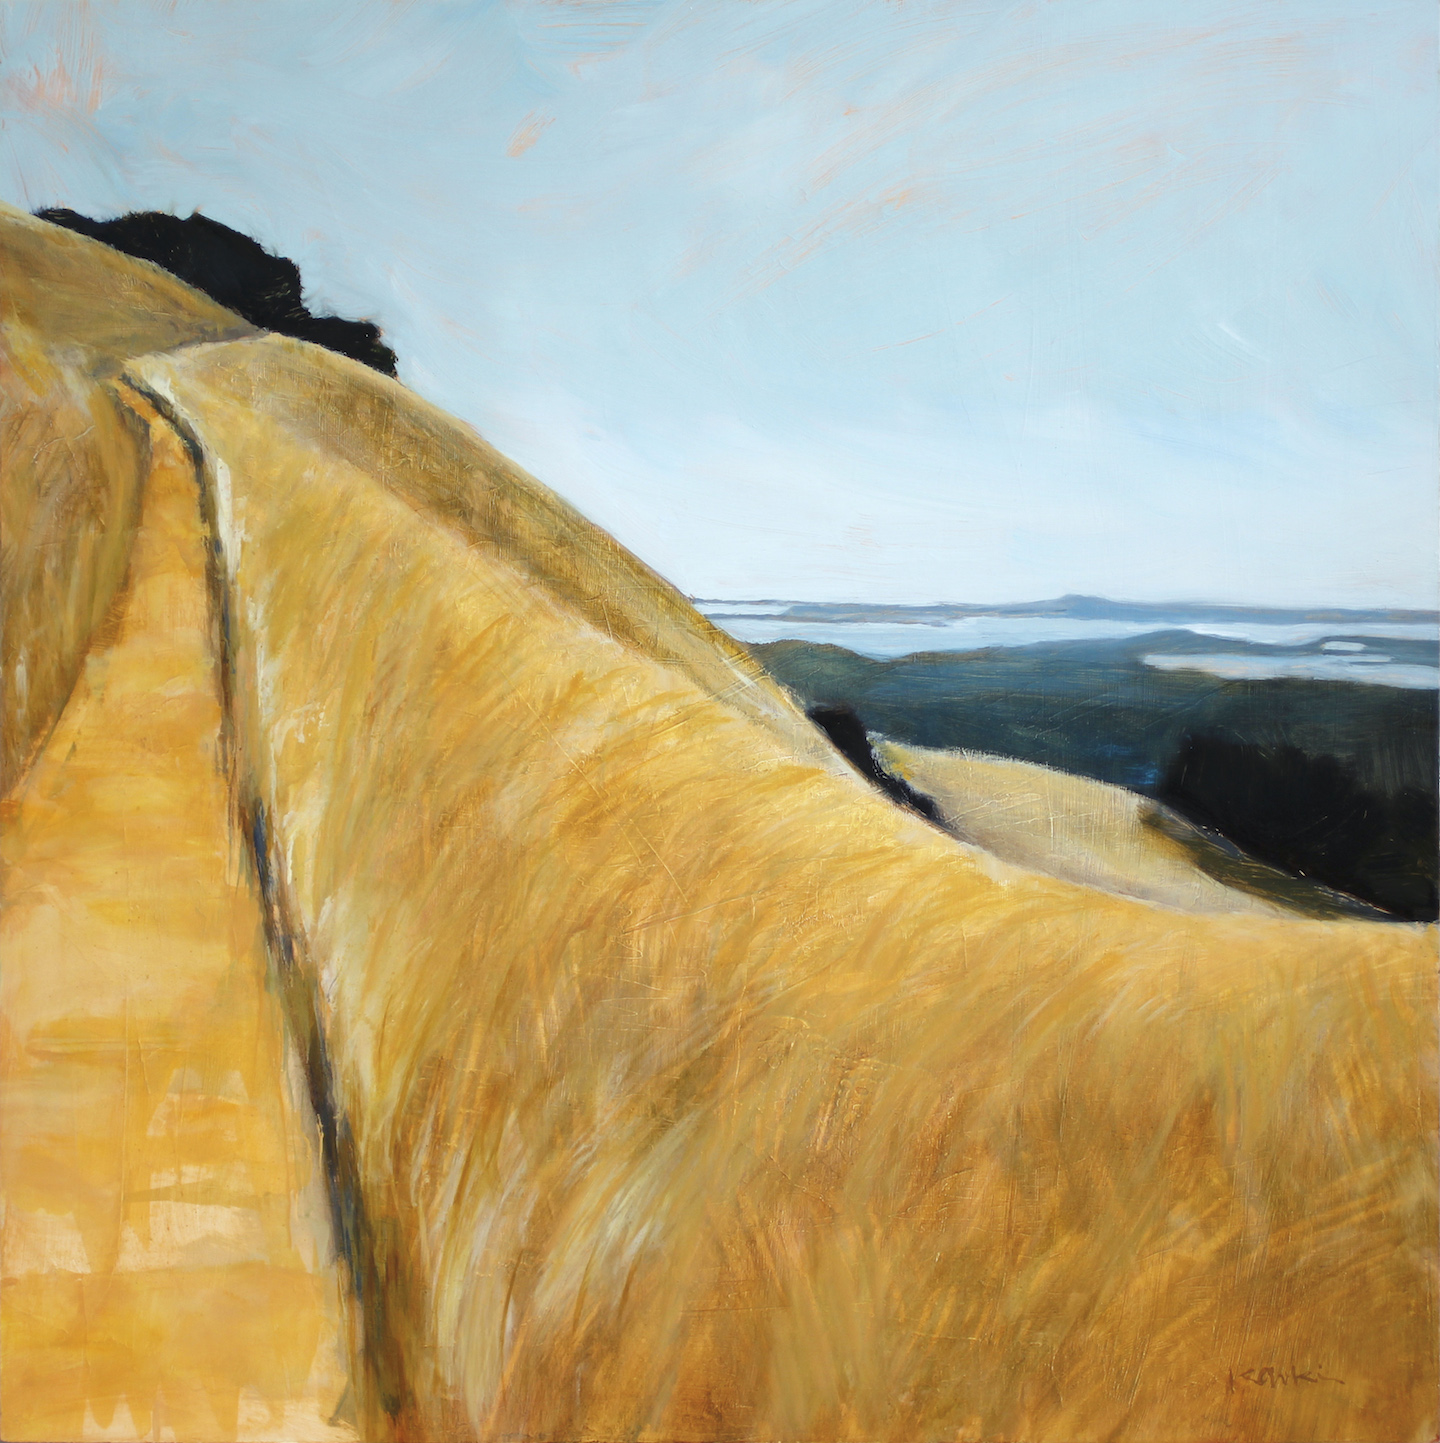 Golden Grass on Mt. Tam